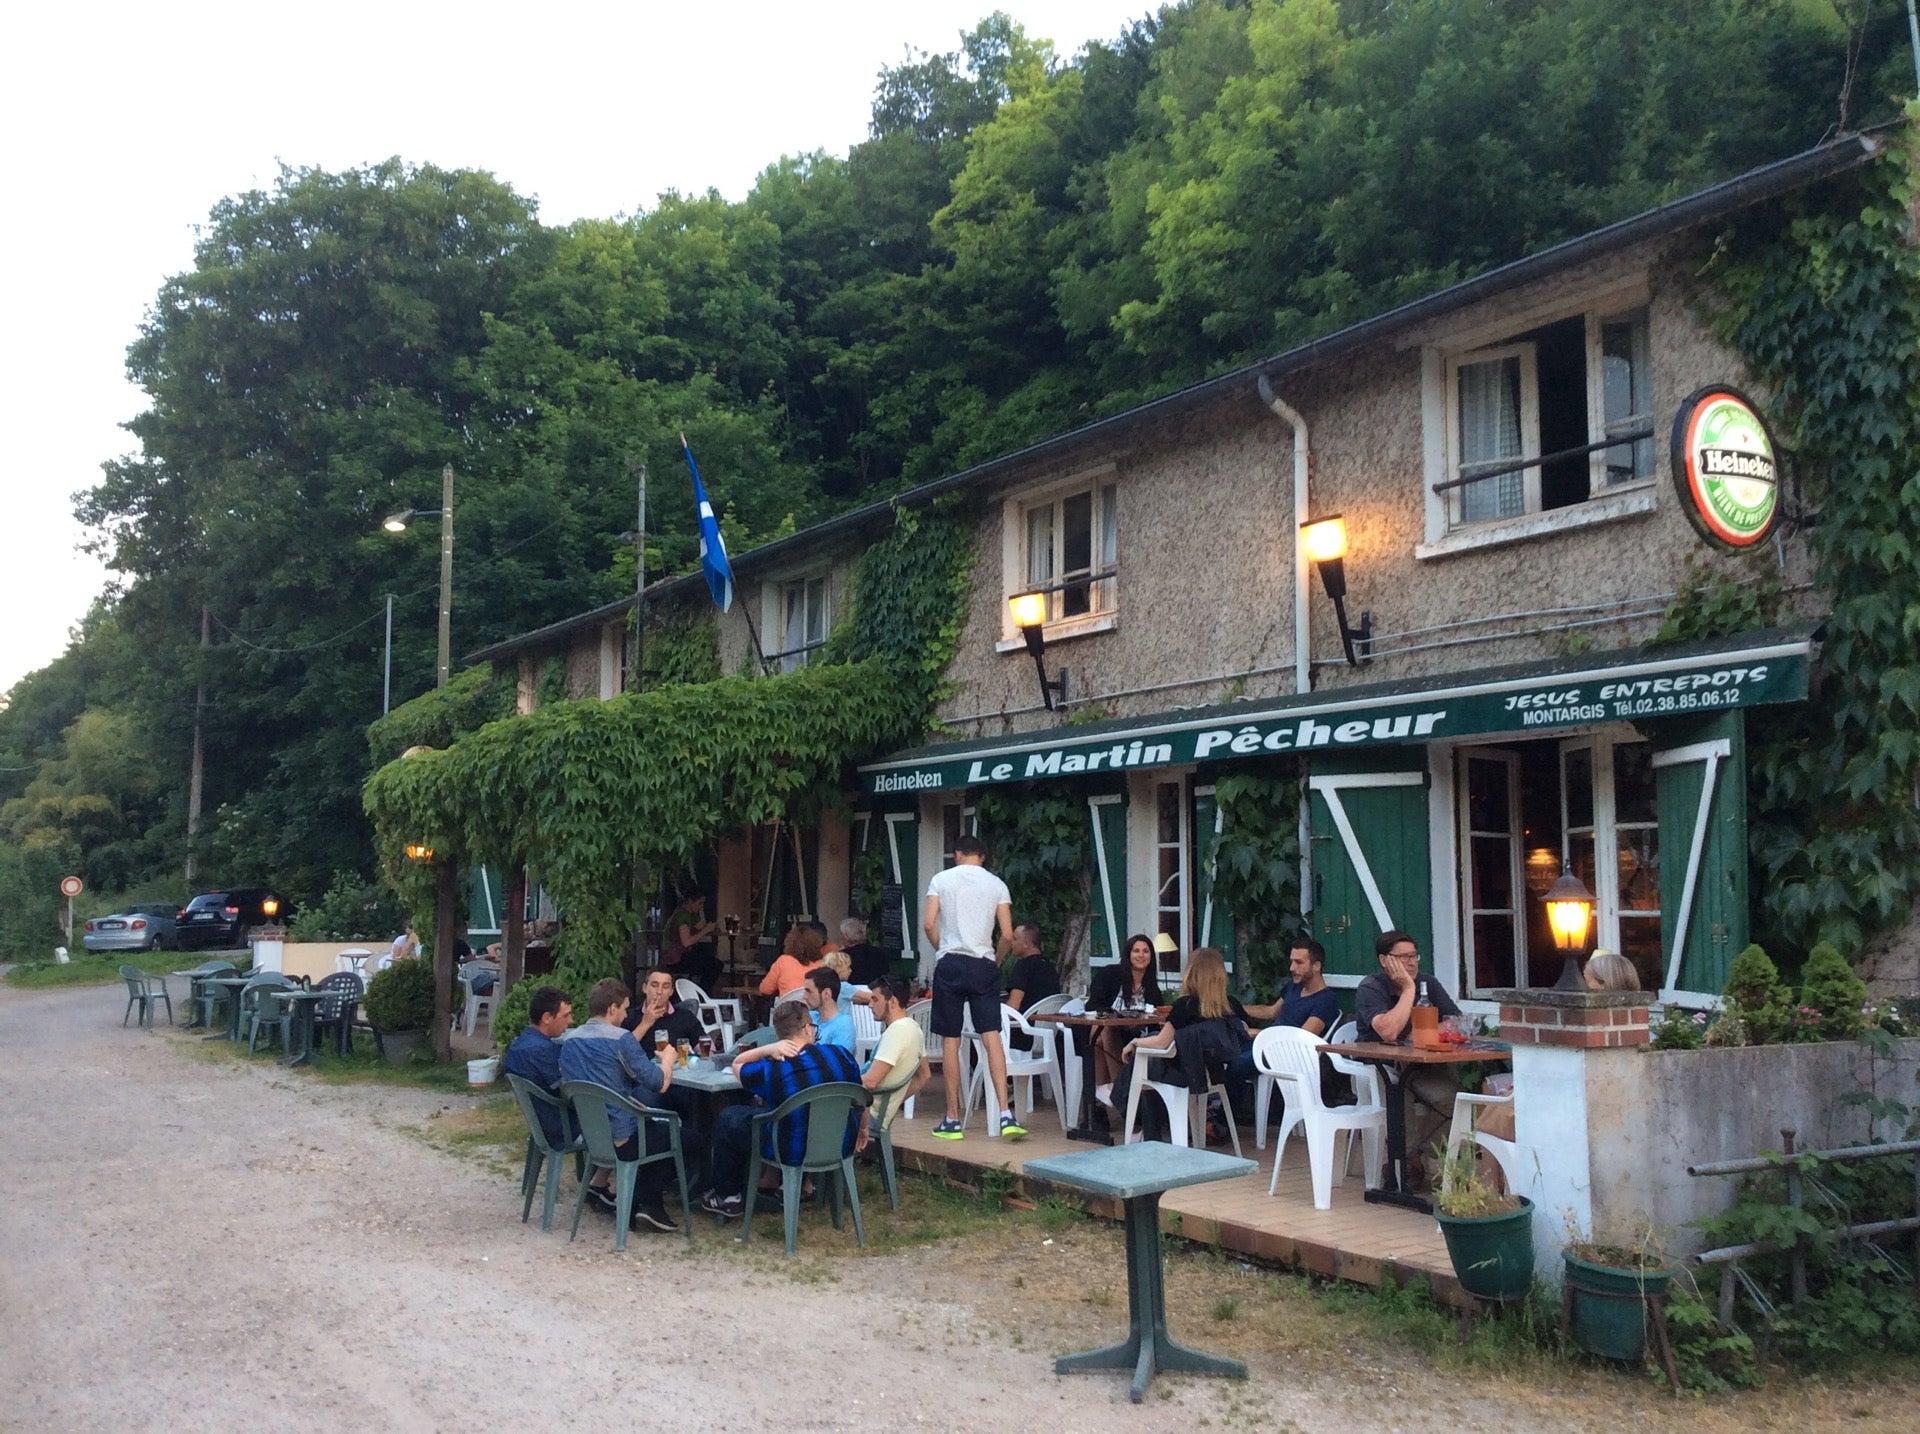 Les Terrasses de Montargis Chalette sur Loing France